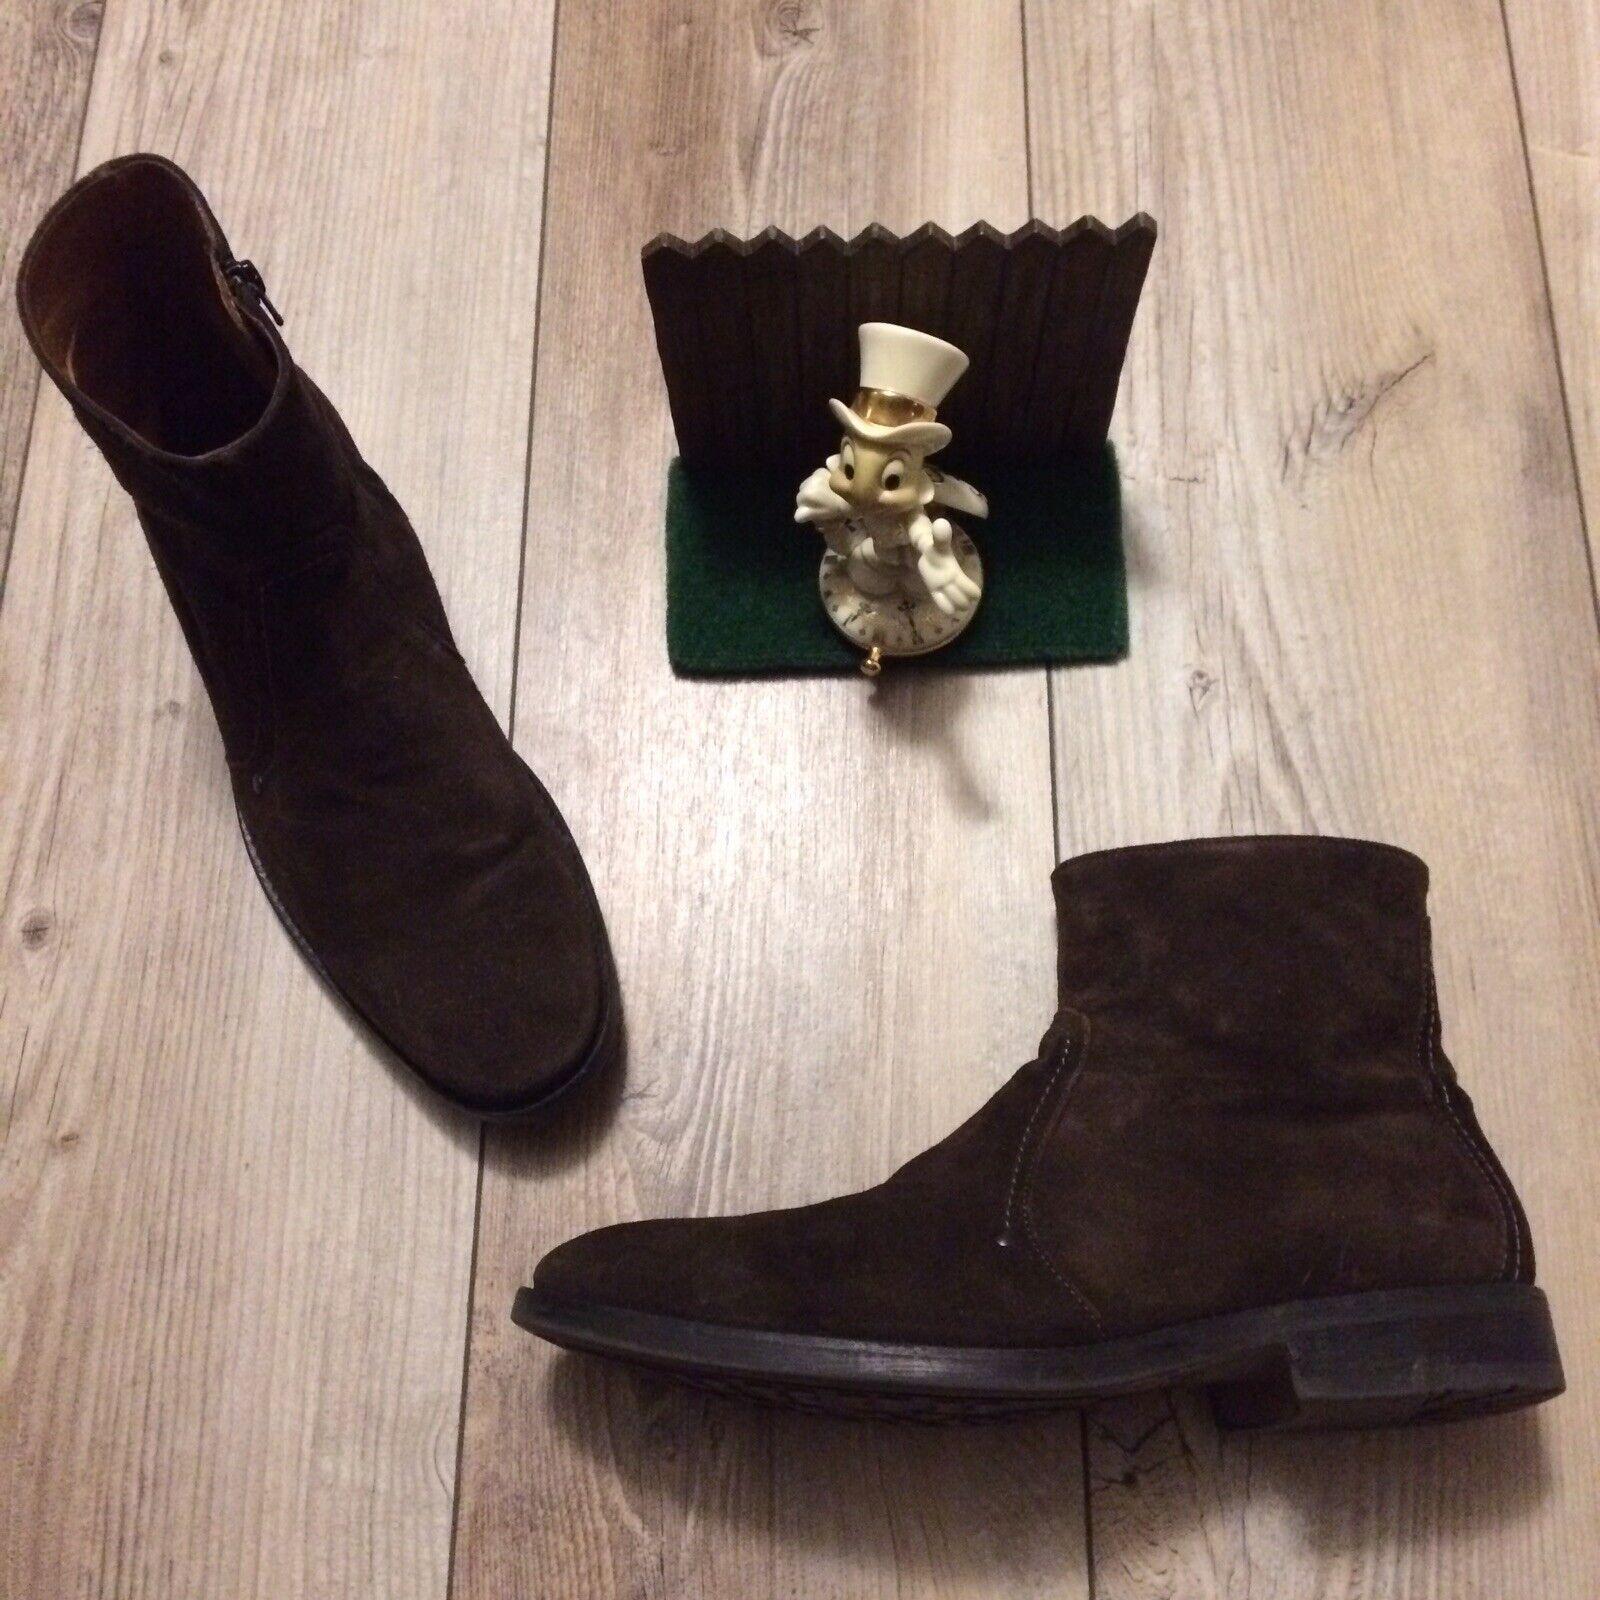 Johnson & Murphy Mens 10.5 Boots Desert Chukka Brown Suede Zip Side 59-11942